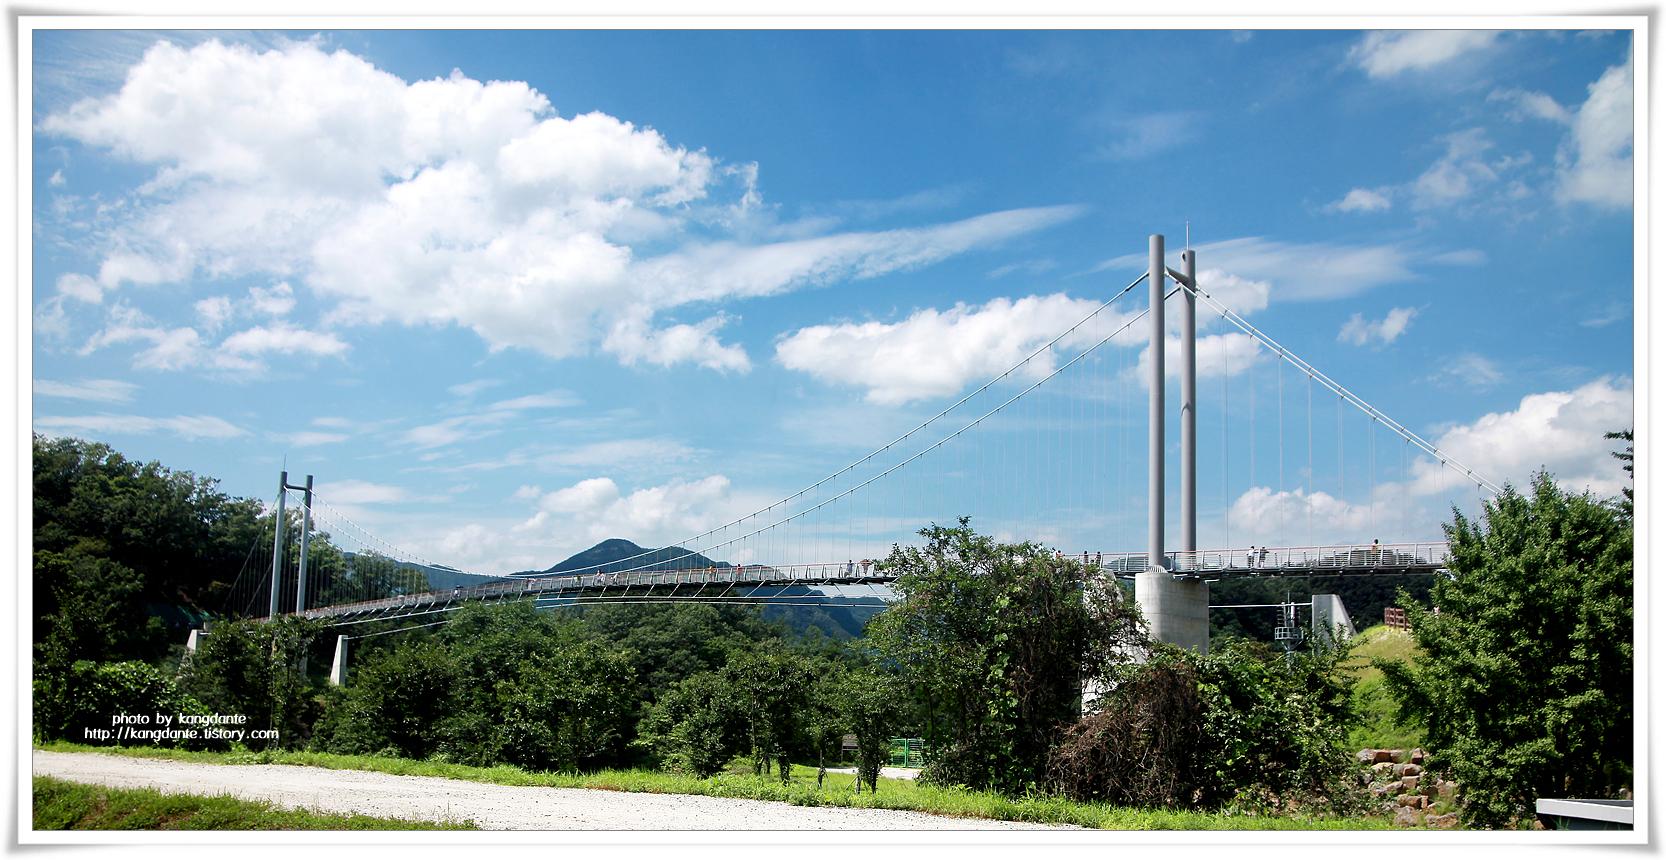 한탄강 물줄기와 주상절리 비경을 함께 즐기는 한탄강 하늘다리